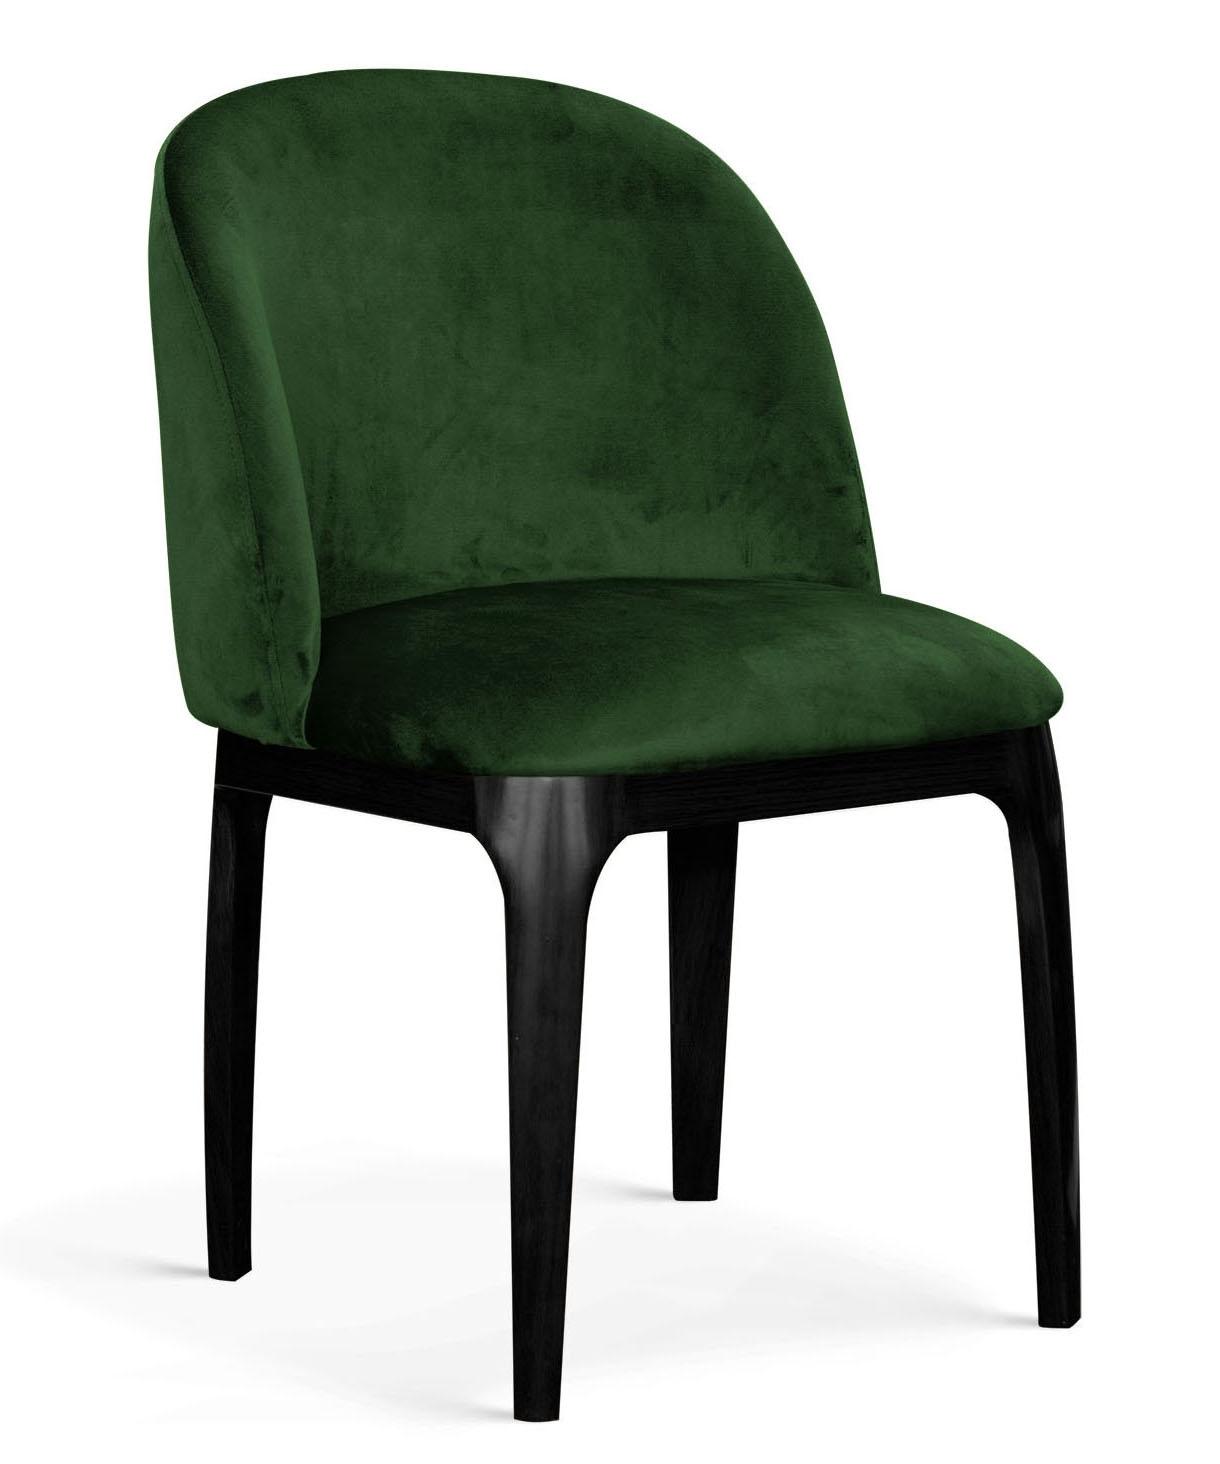 Scaun tapitat cu stofa, cu picioare metalice Grace Verde / Negru, l53xA56xH83 cm